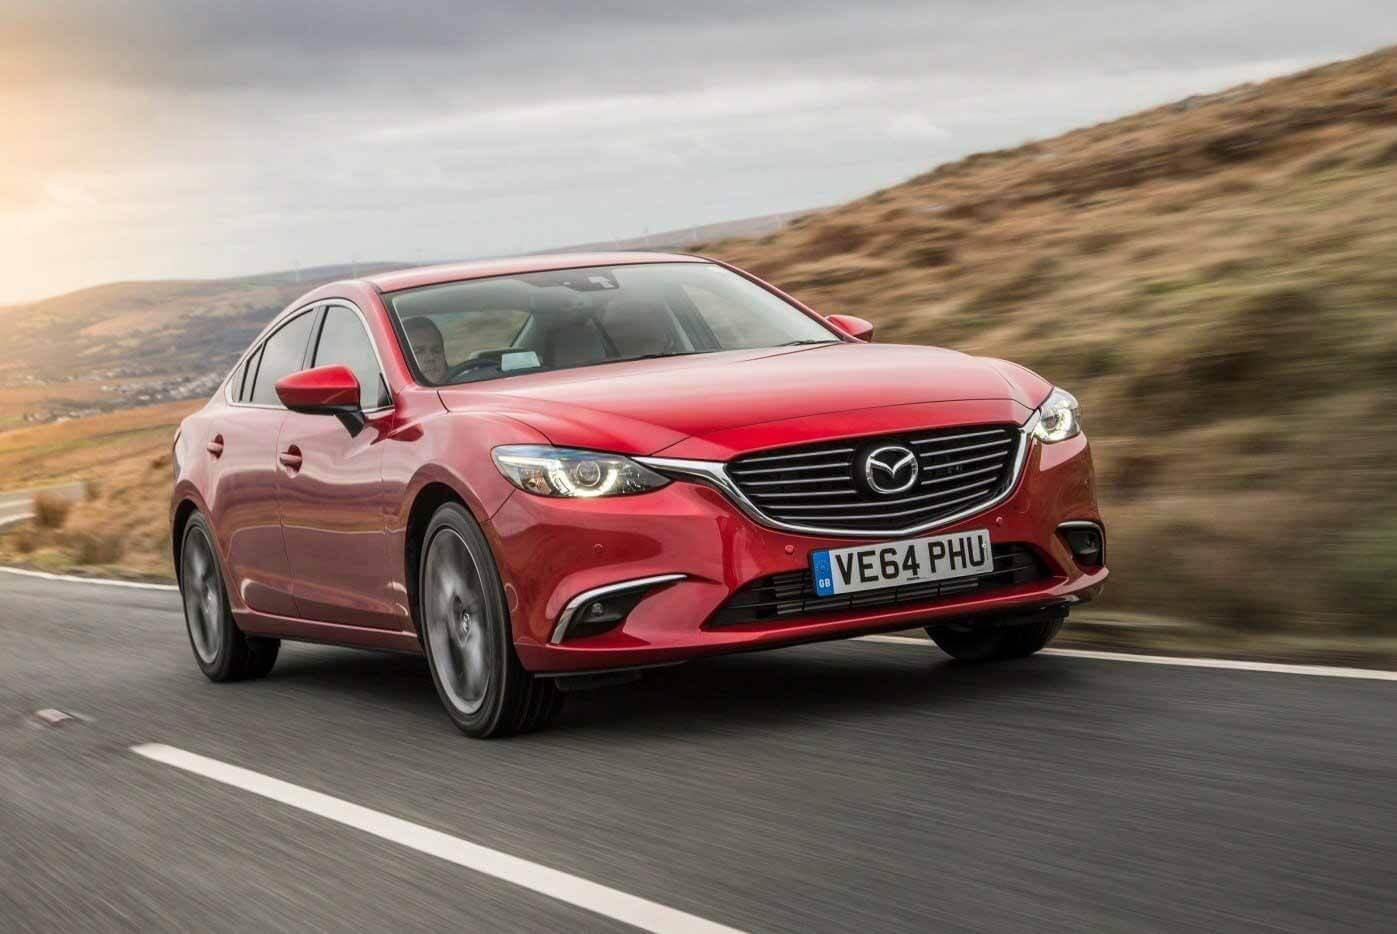 Преимущества и недостатки Mazda 6 названы